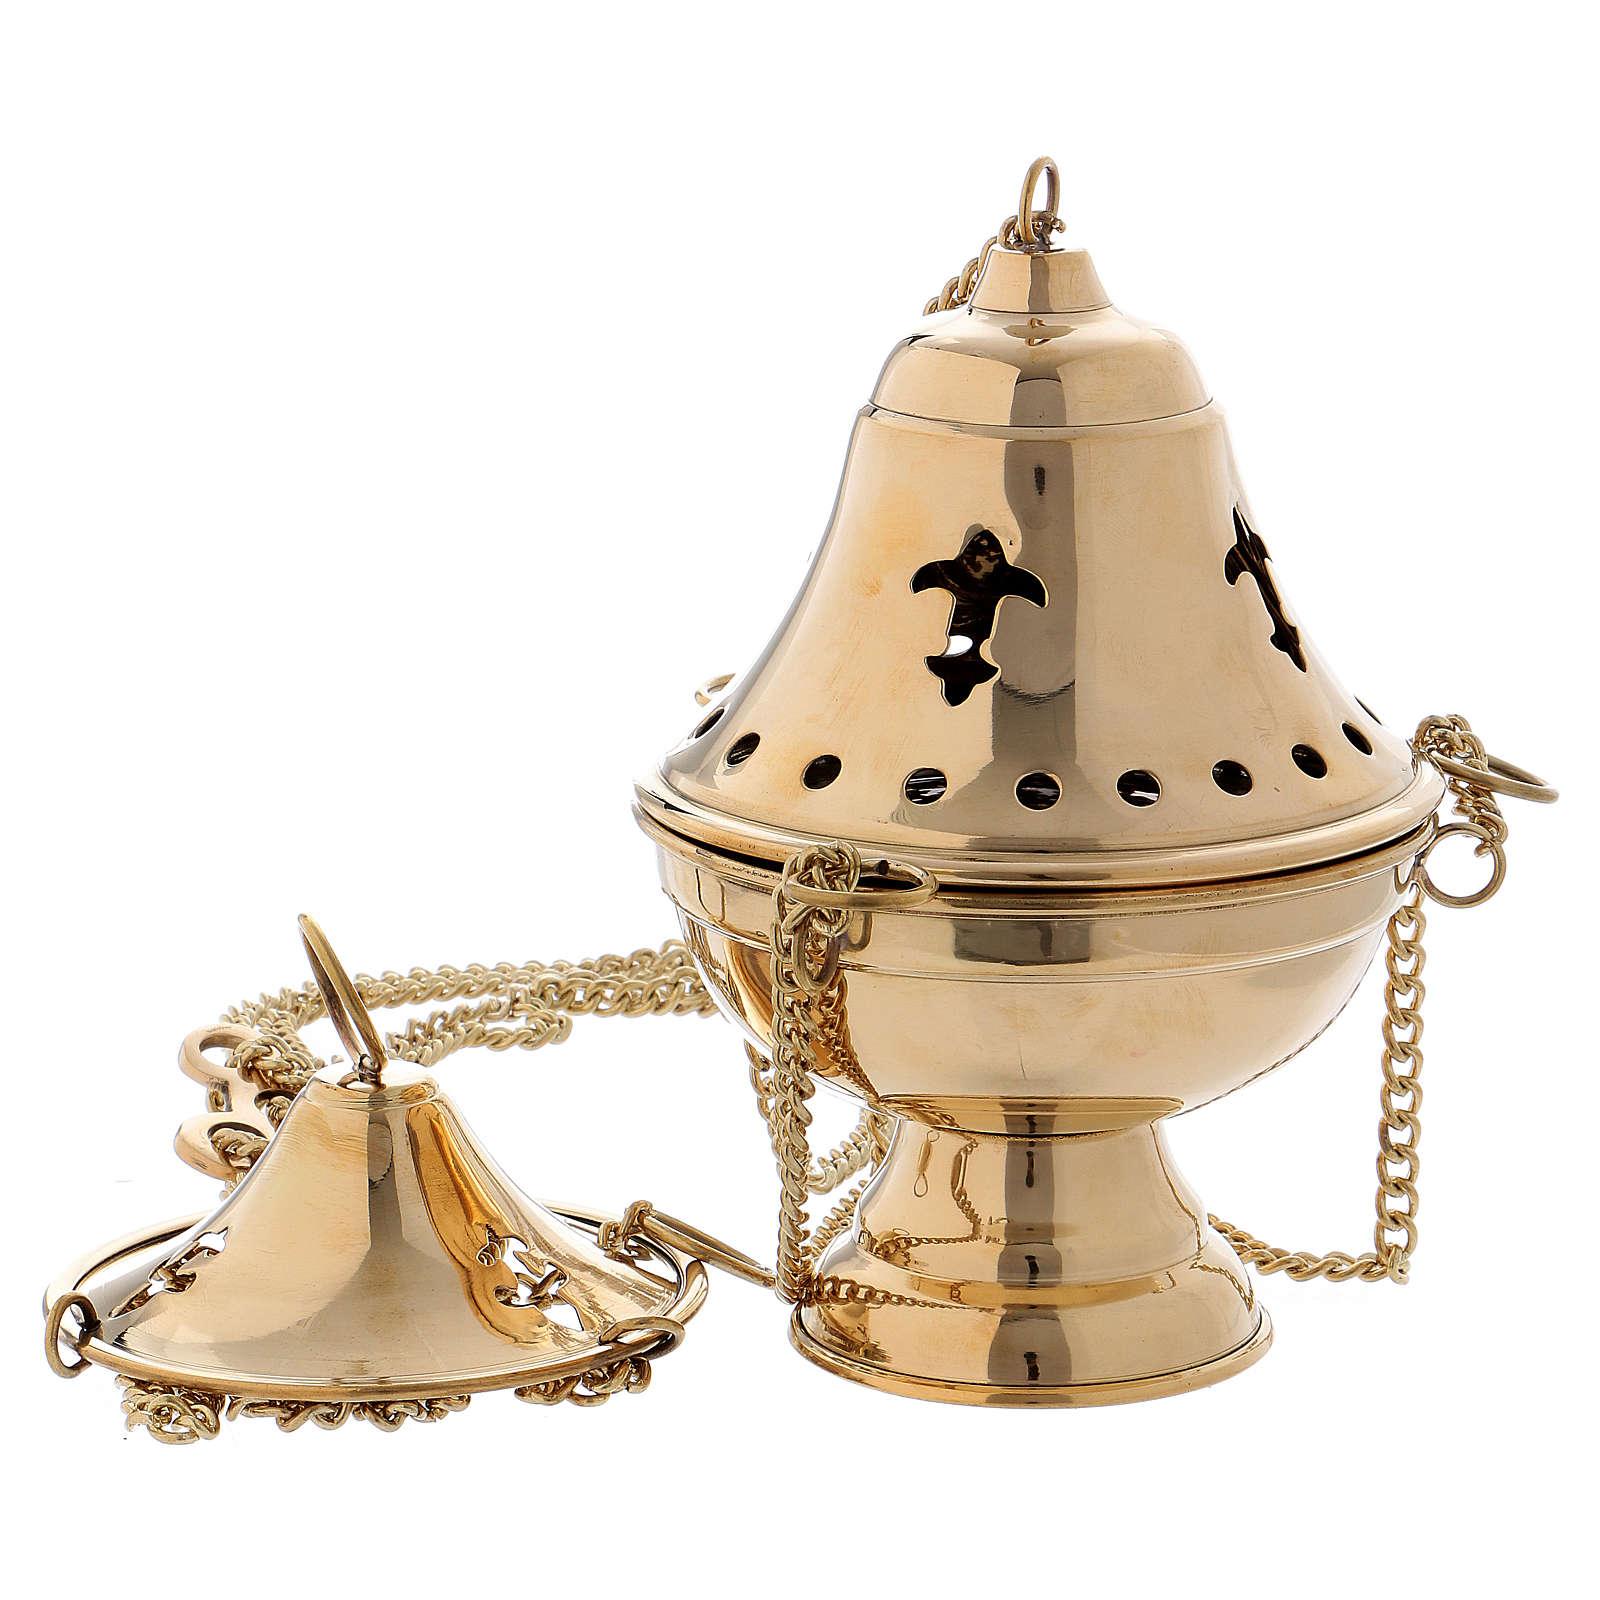 Censer in gilded brass - 18 cm 3